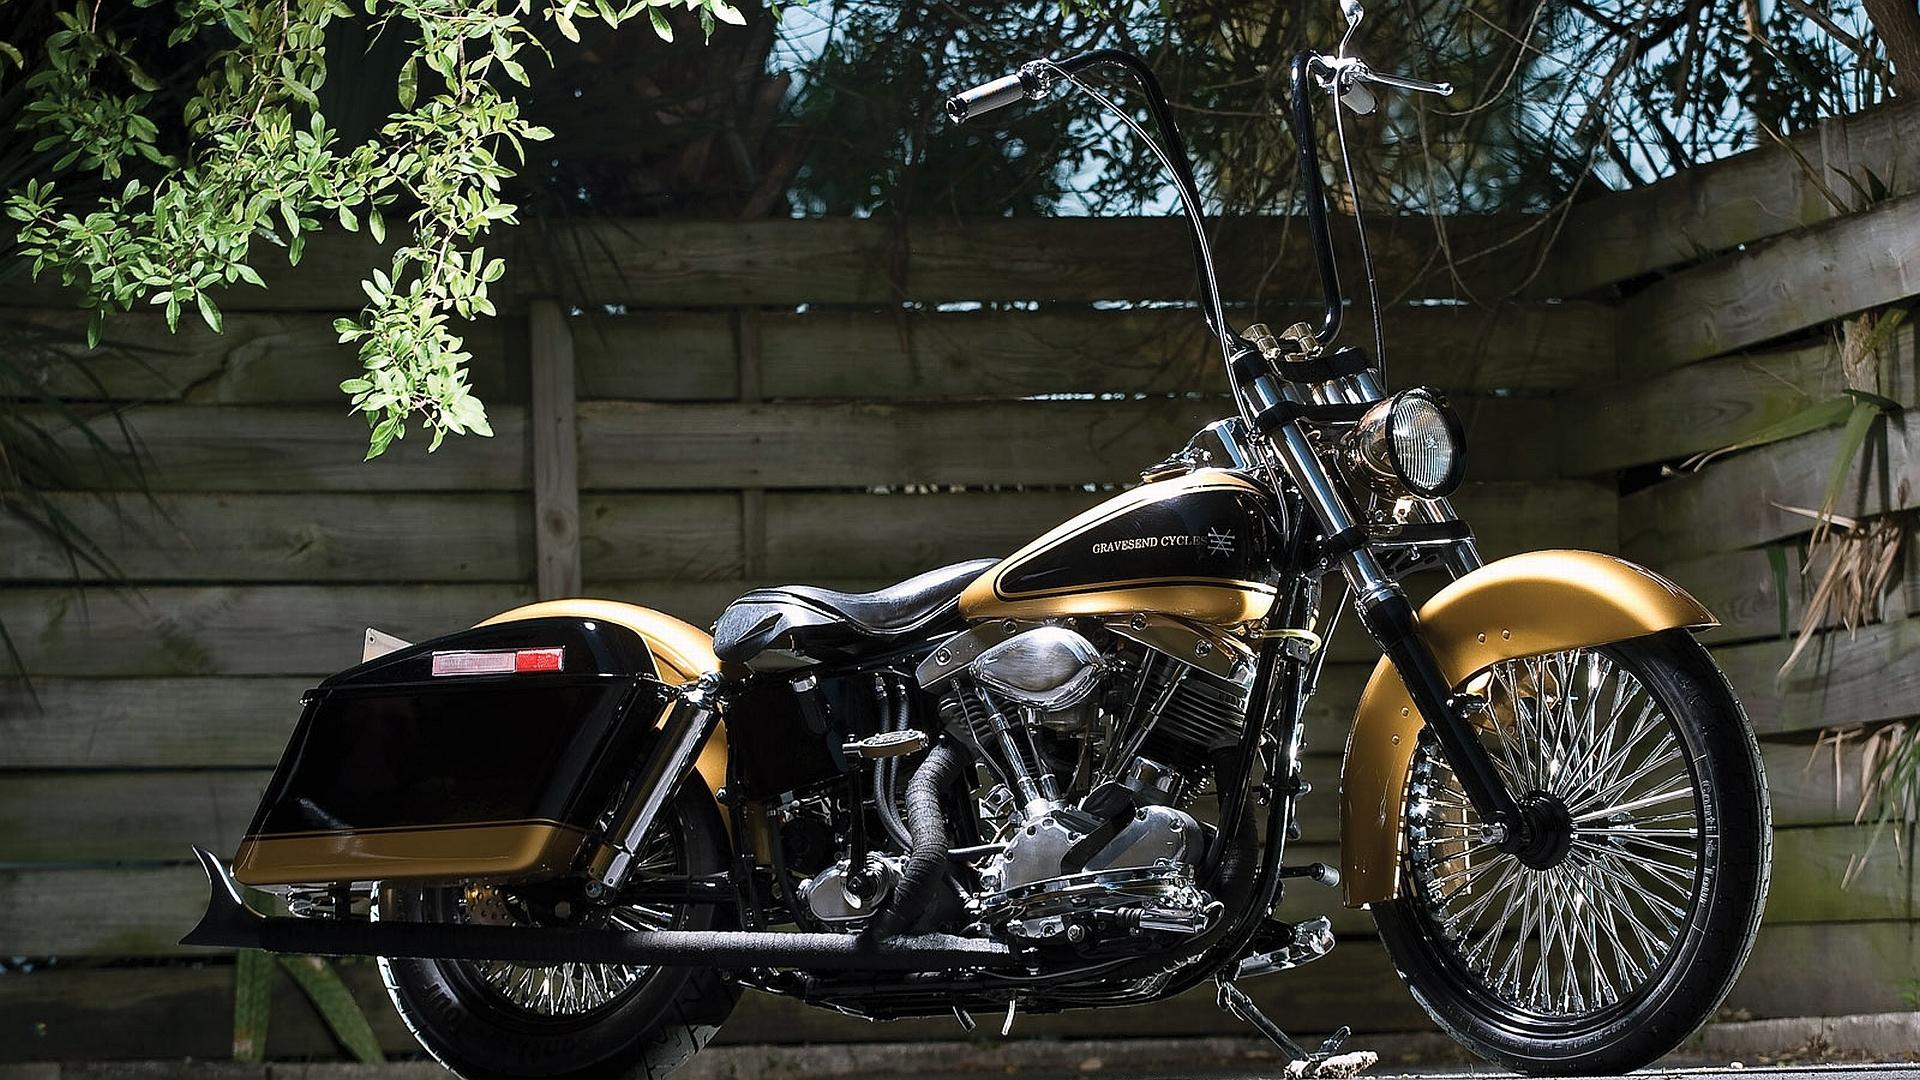 1967 Harley Davidson Shovelhead Widescreen Wallpaper   6878 1920x1080